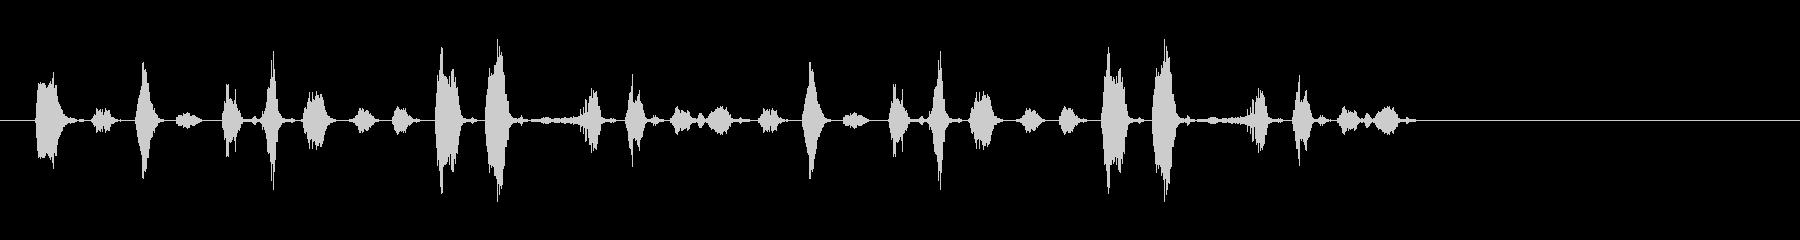 フォーリングダウンステアズエル、ヒ...の未再生の波形